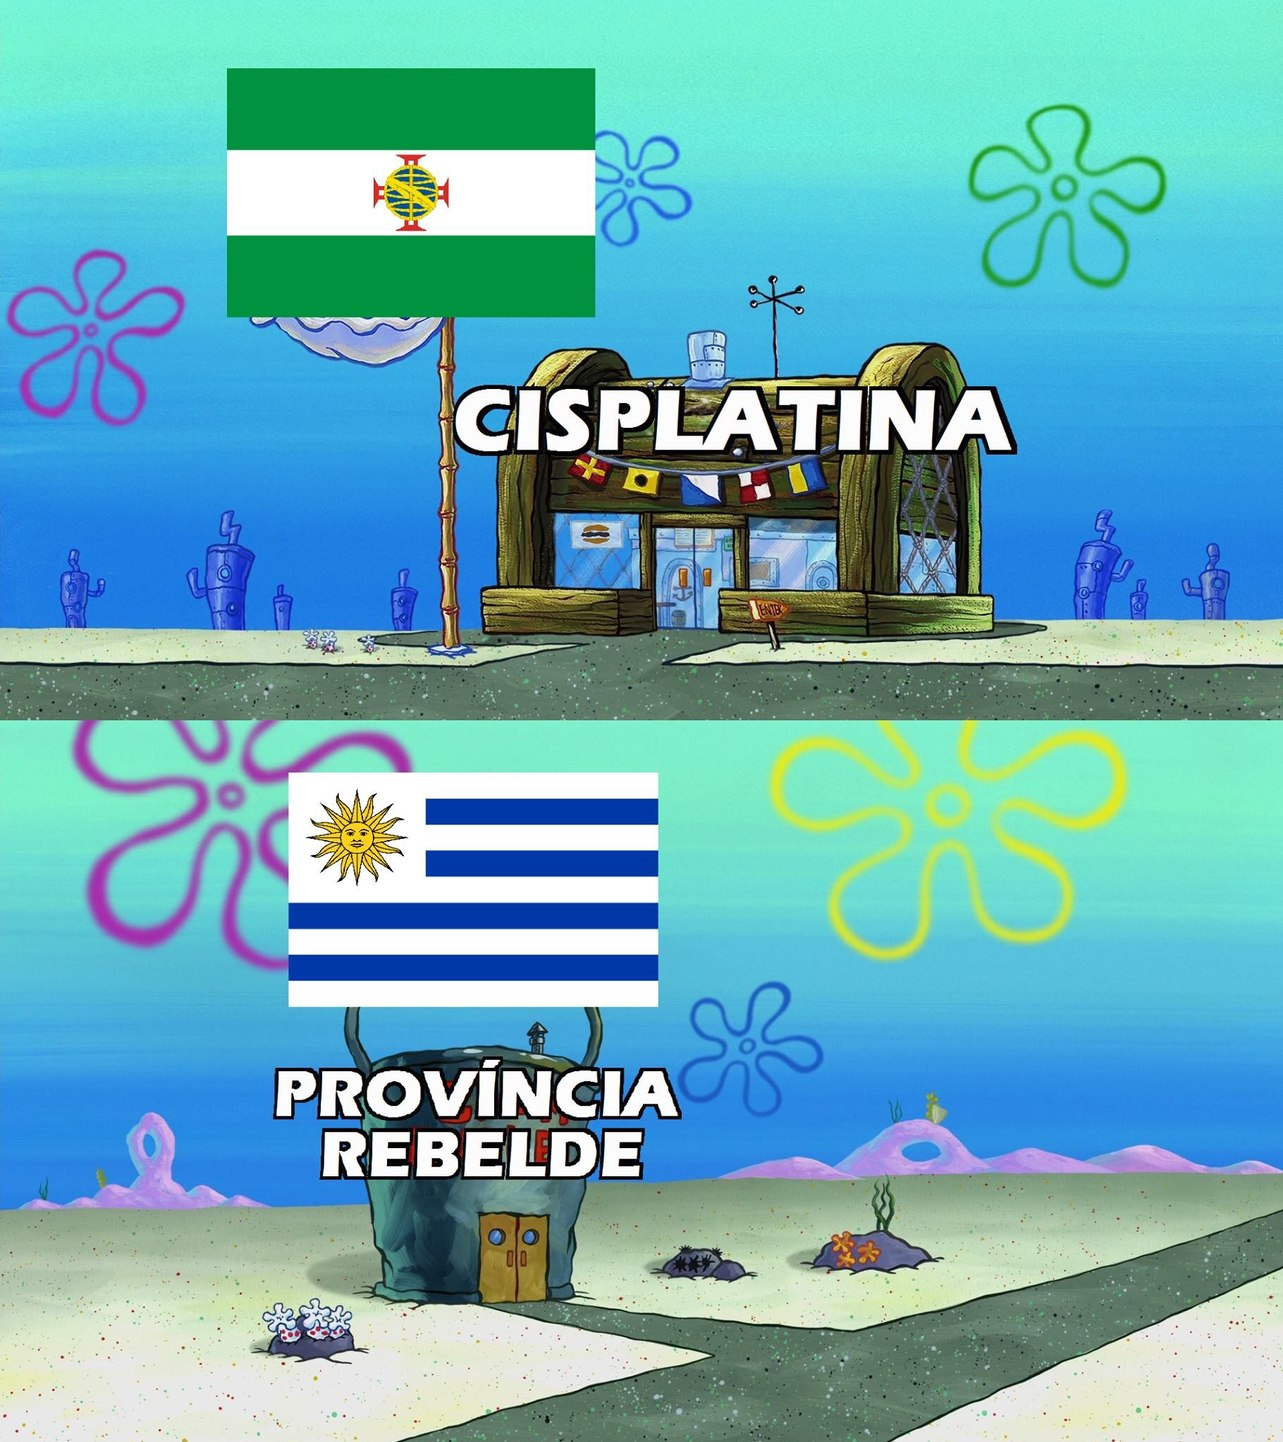 Cispratinha>>>>>You are gay - meme